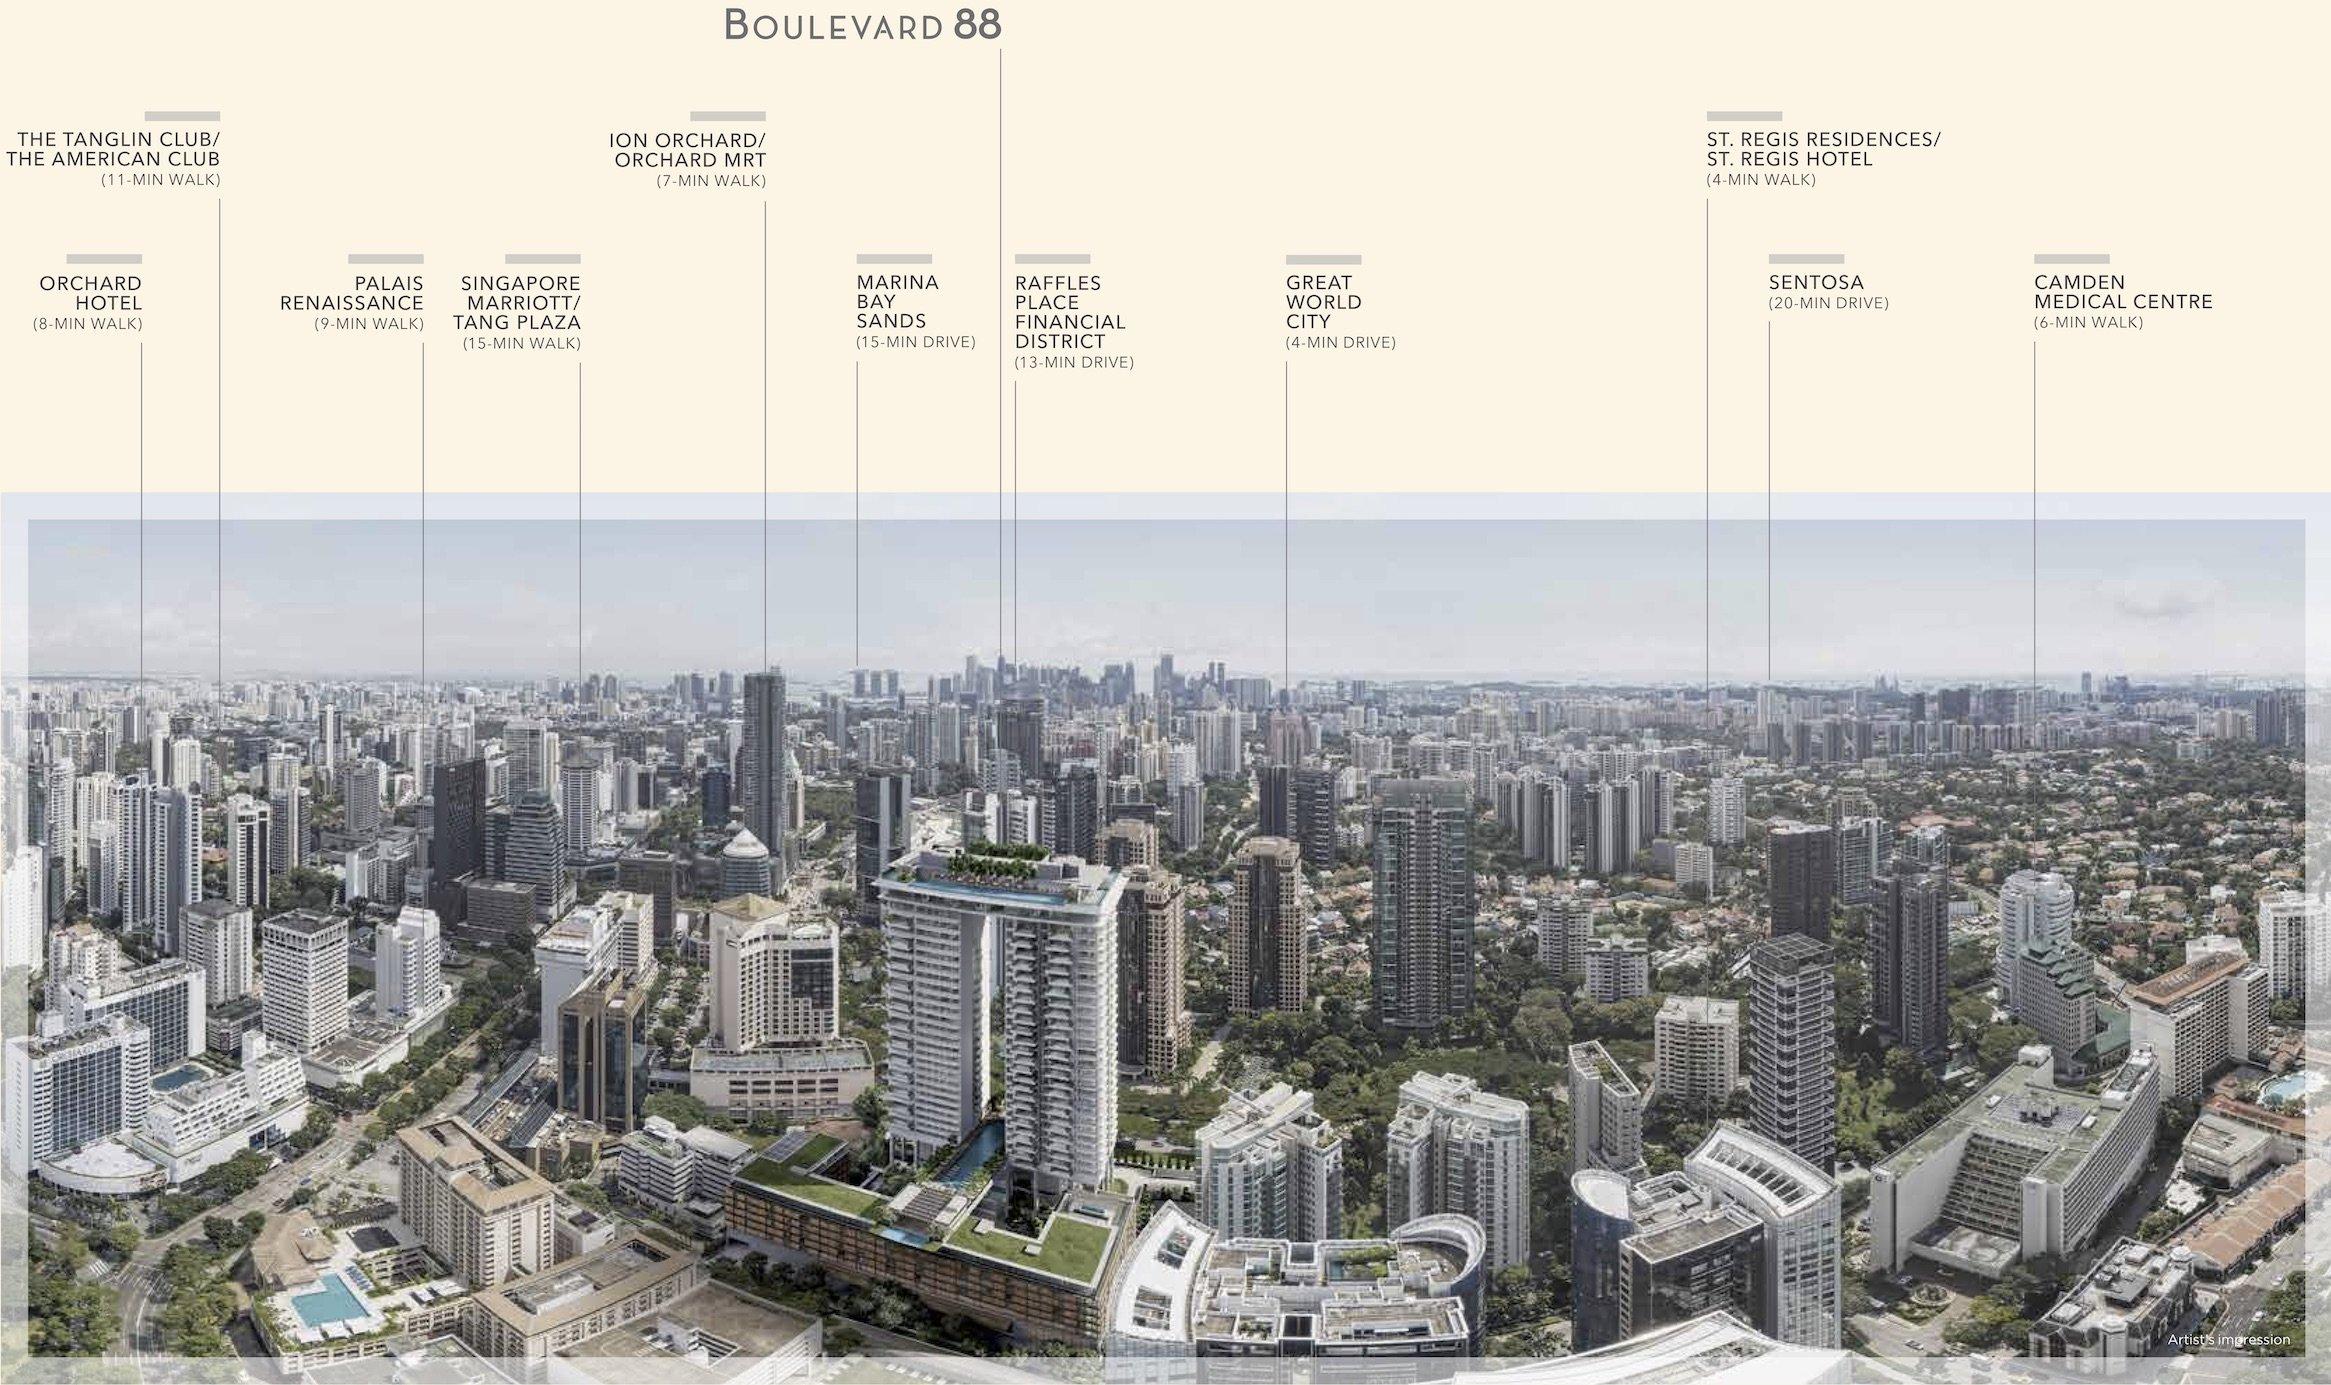 铂瑞雅居 Boulevard 88 location and amenities